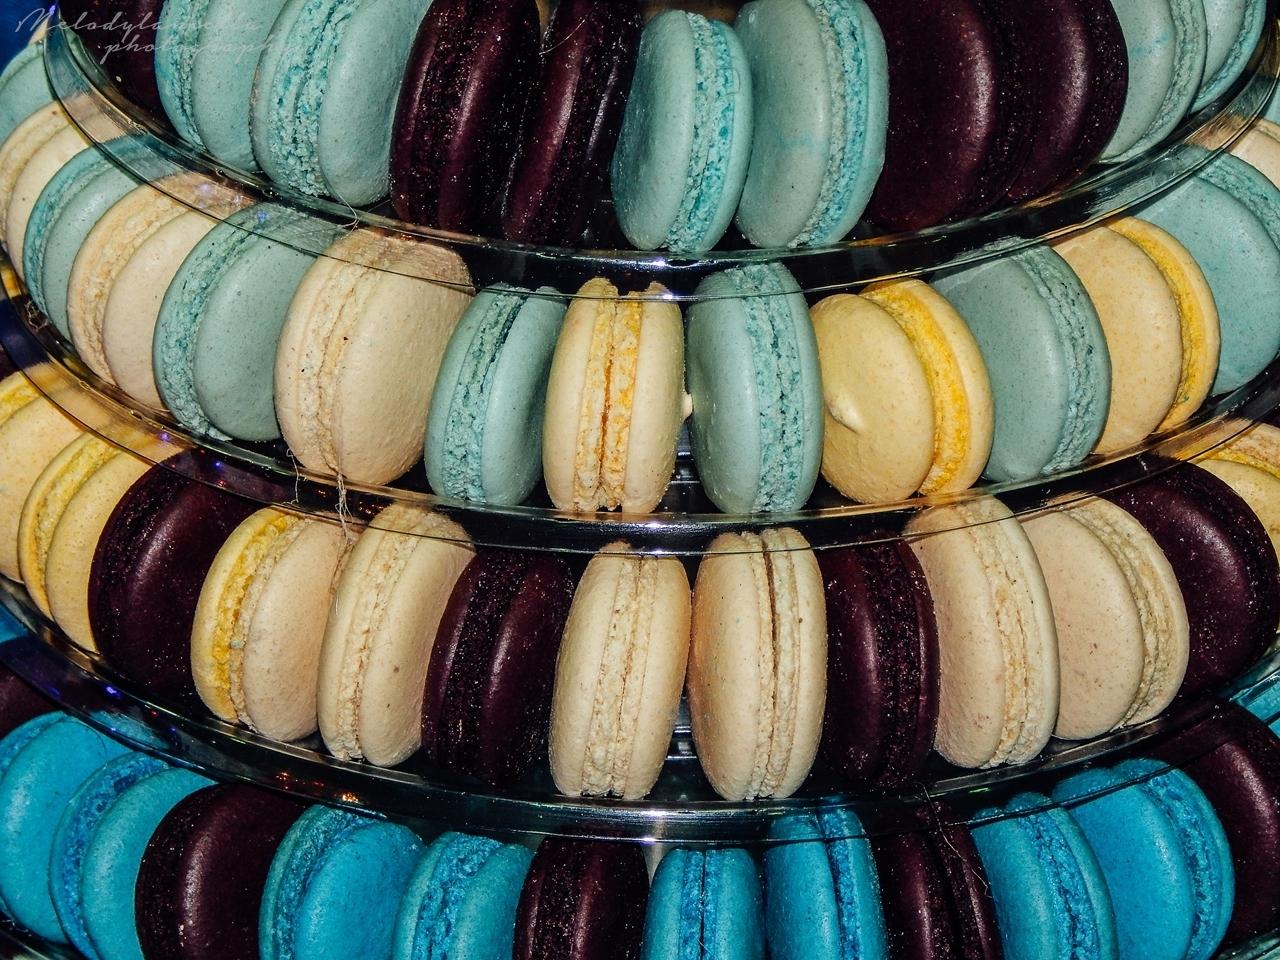 sucre francuskie makaroniki smakołyki słodkości święta Boże Narodzneie